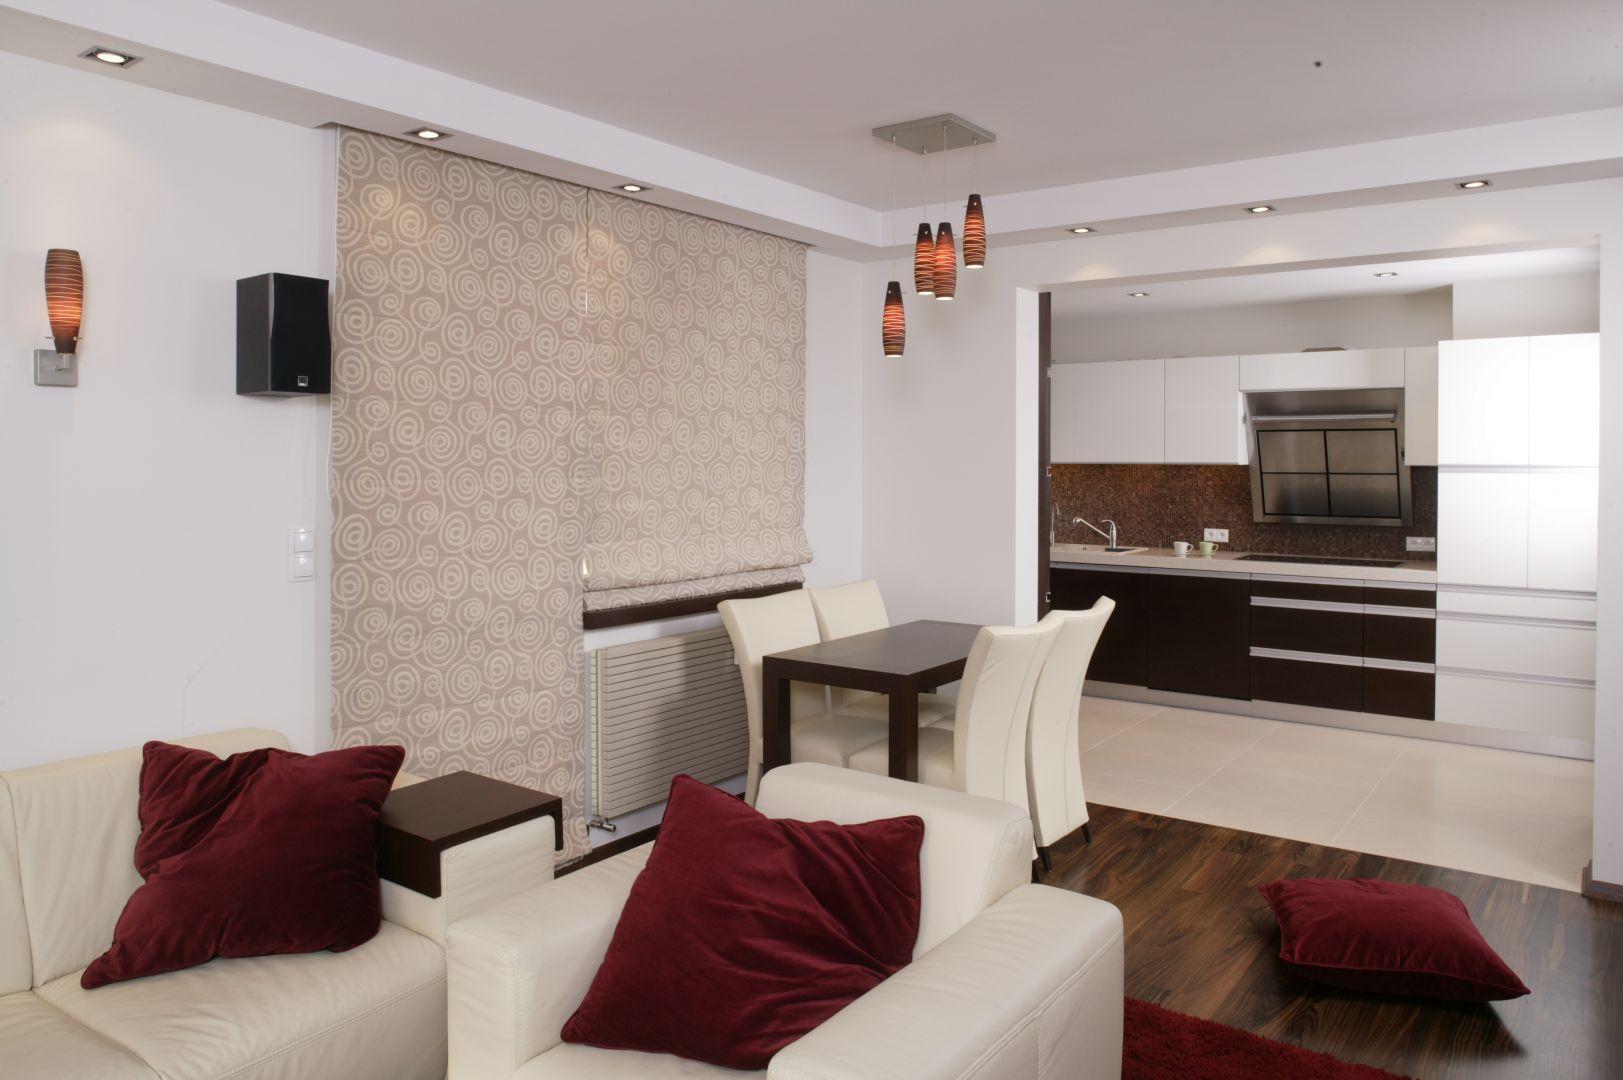 Kuchnię od salonu odgradza niewielka ścianka. Dzięki temu dało się wyodrębnić wygodne miejsce na stół jadalniany. Projekt: Katarzyna Żukowska. Fot. Bartosz Jarosz